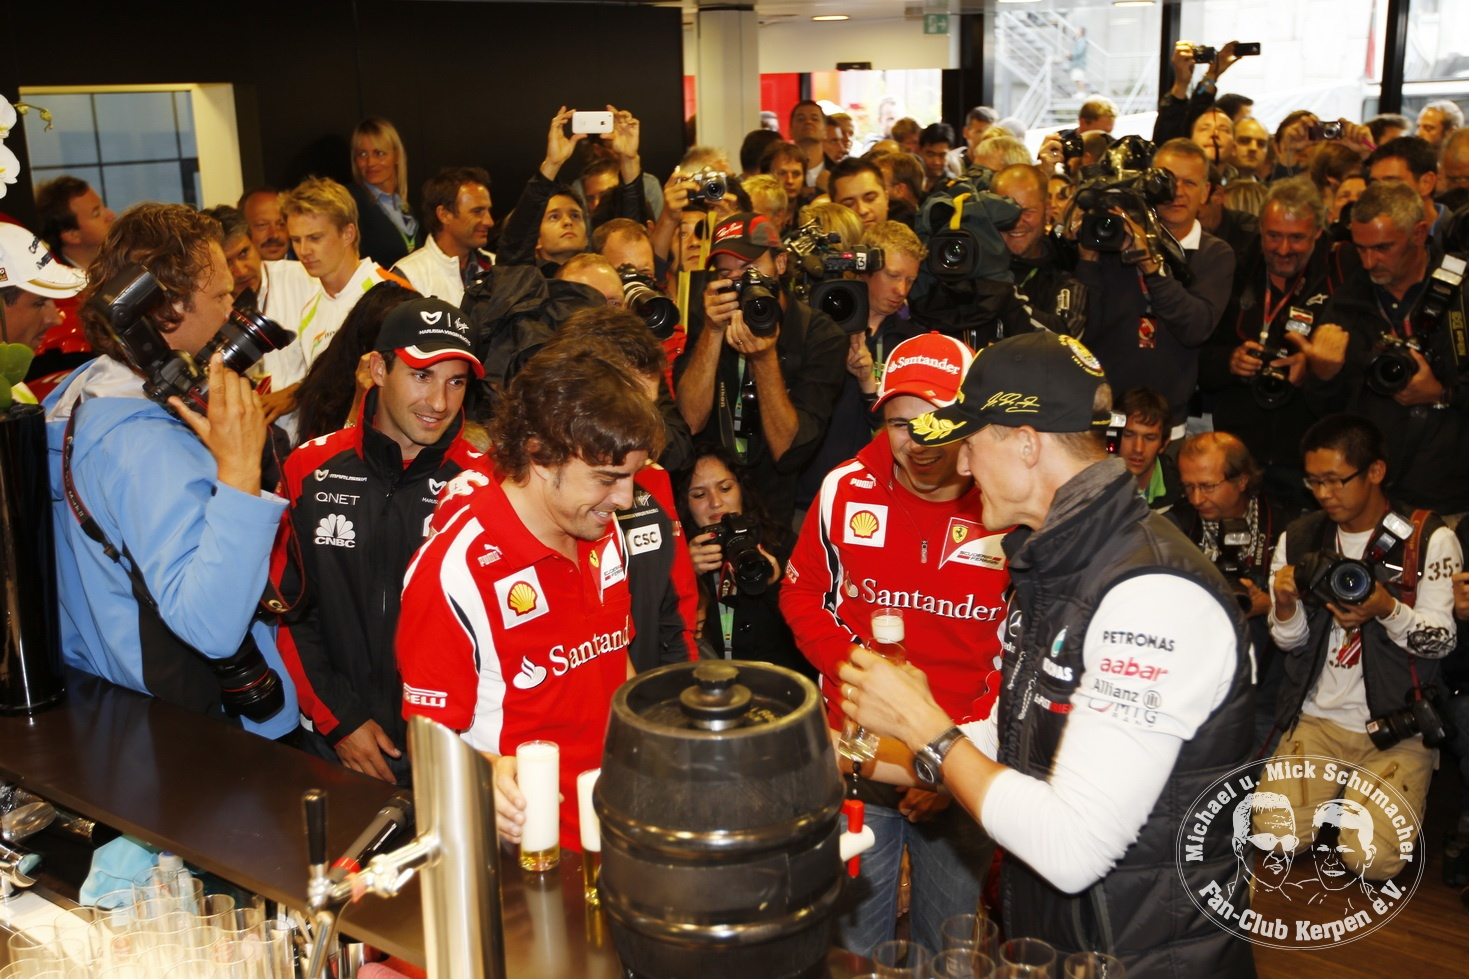 Formel 1, Grand Prix Belgien 2011, Spa-Francorchamps, 28.08.2011